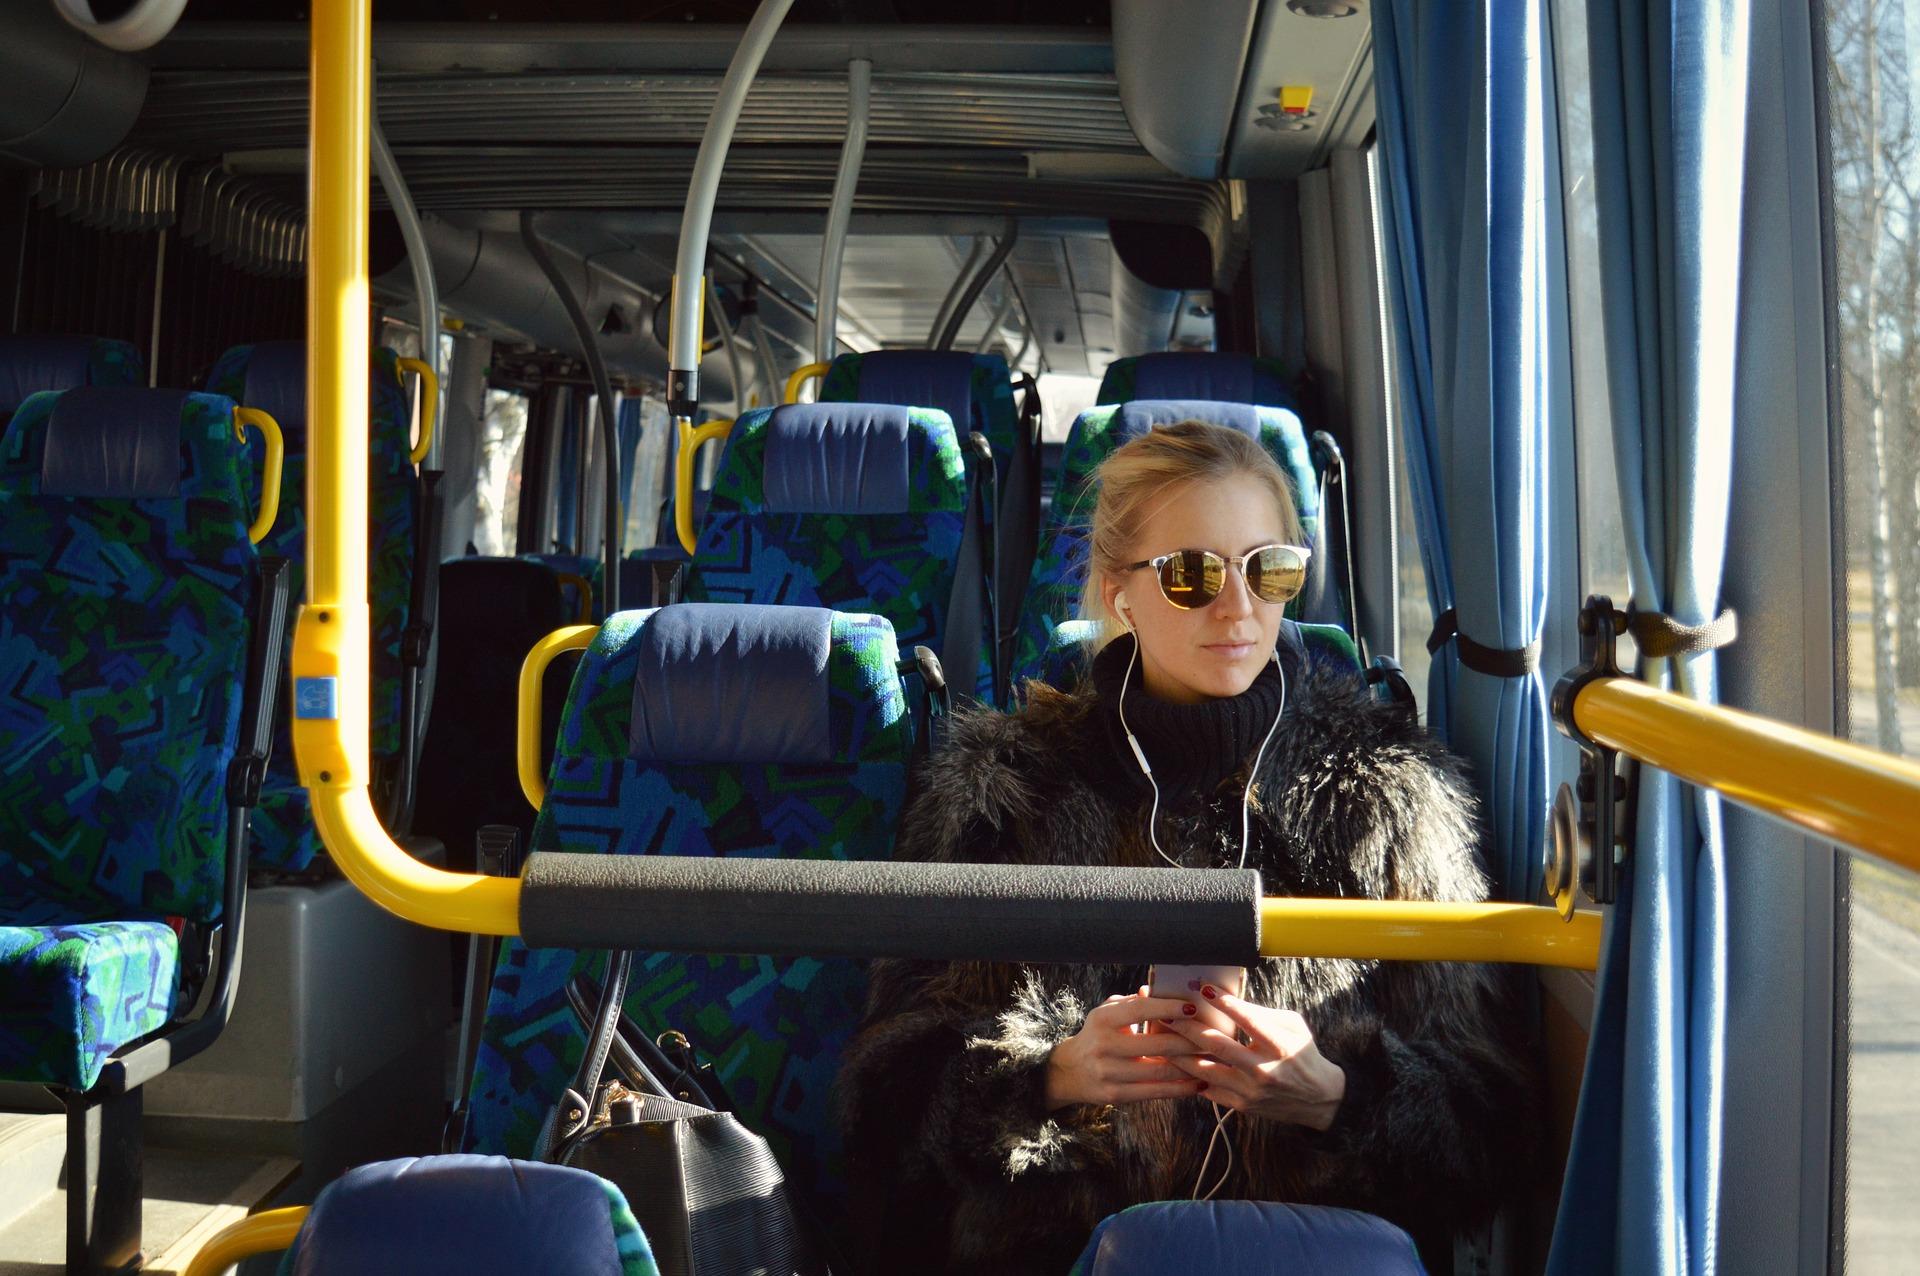 podróż-autobusem